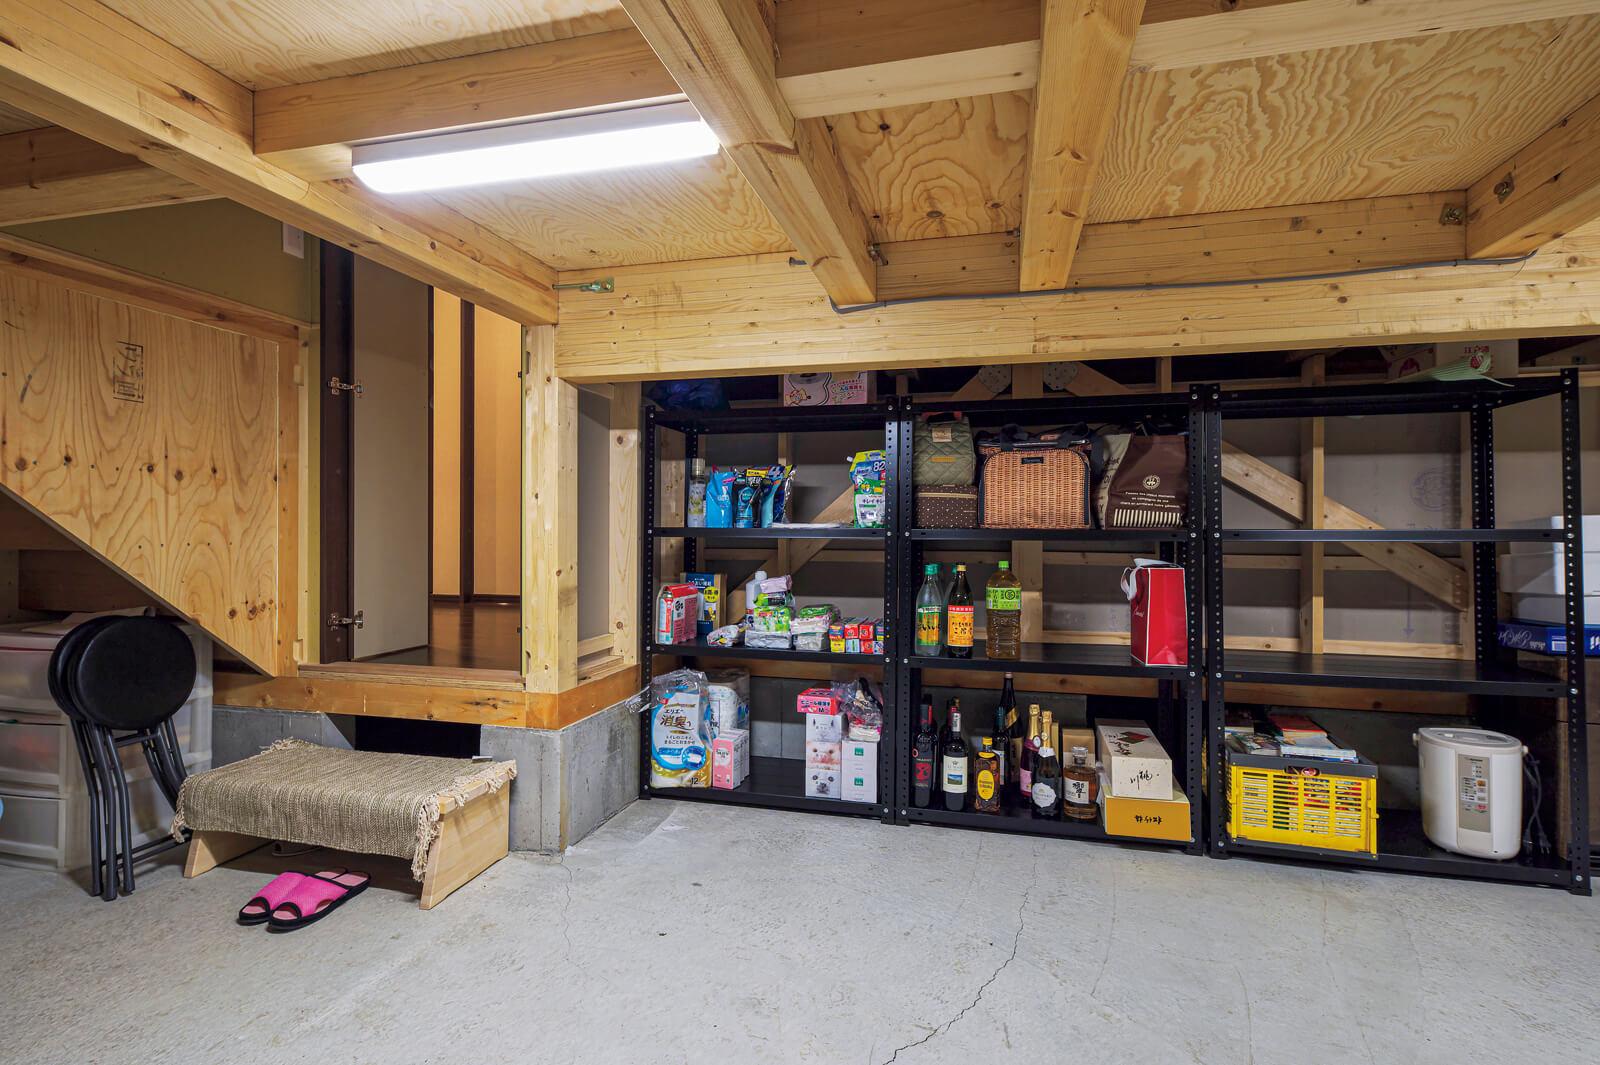 子ども部屋の床を半階分上げて、その下を収納スペースとして活用している。買い置きのストック品など収納できて便利